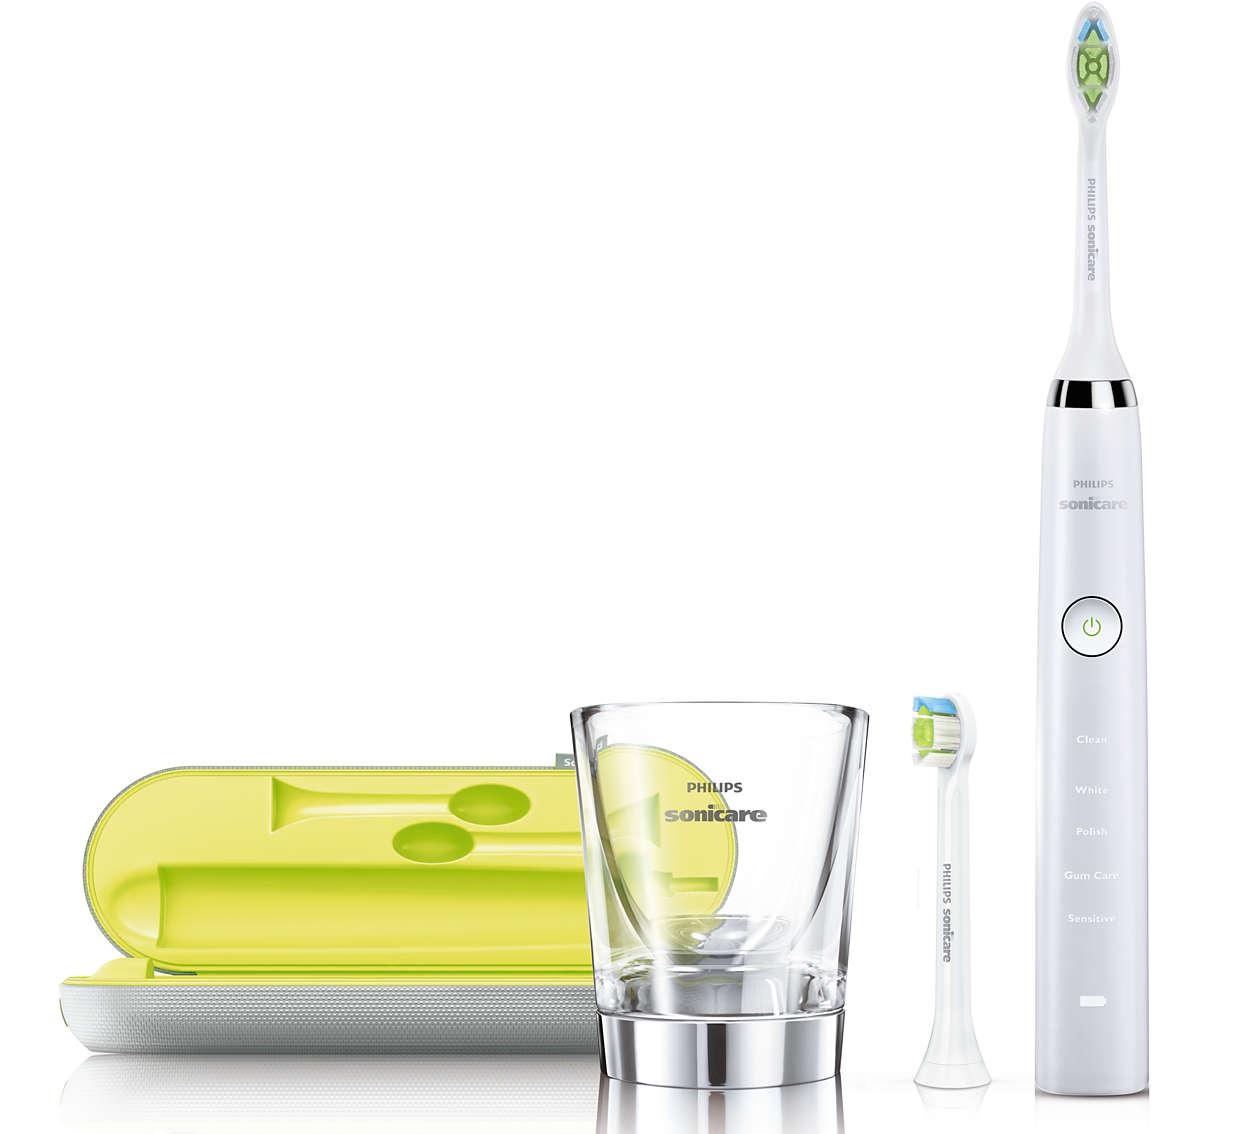 أسنان أكثر بياضًا وصحةً لمدى الحياة